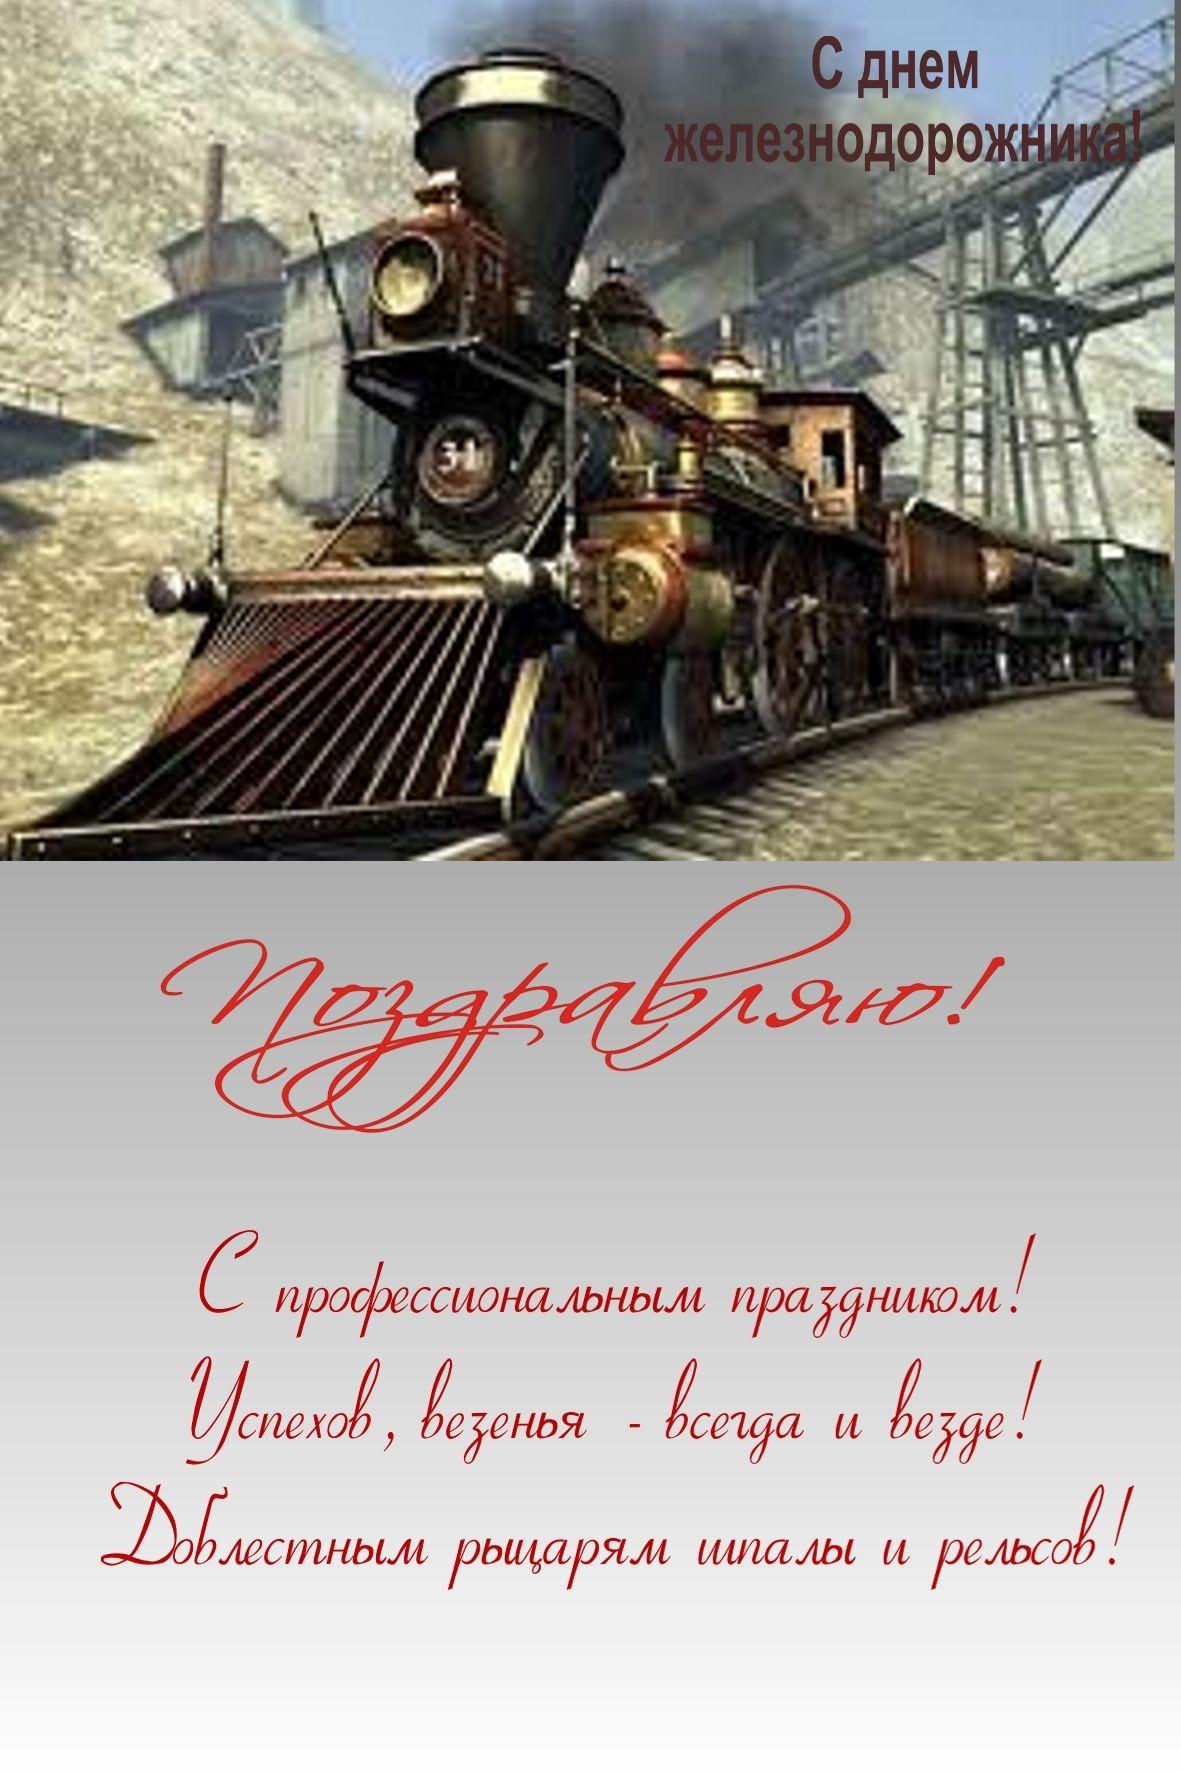 Открытки к празднику железнодорожника